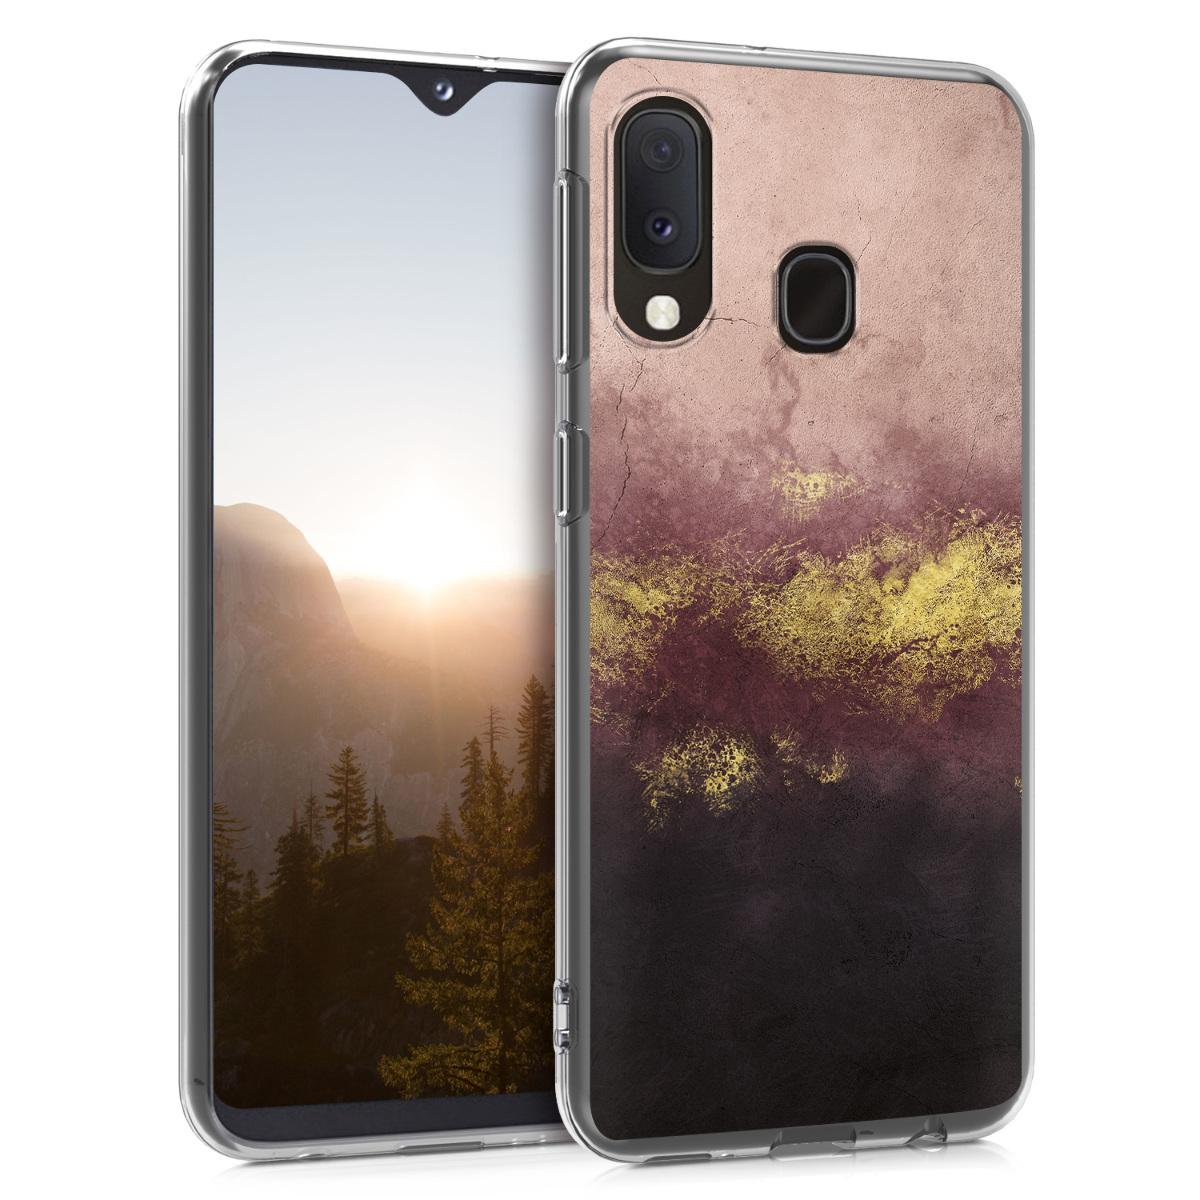 Kvalitní silikonové TPU pouzdro pro Samsung A20e - metalické Granite Gold / Dusty růžové / černé